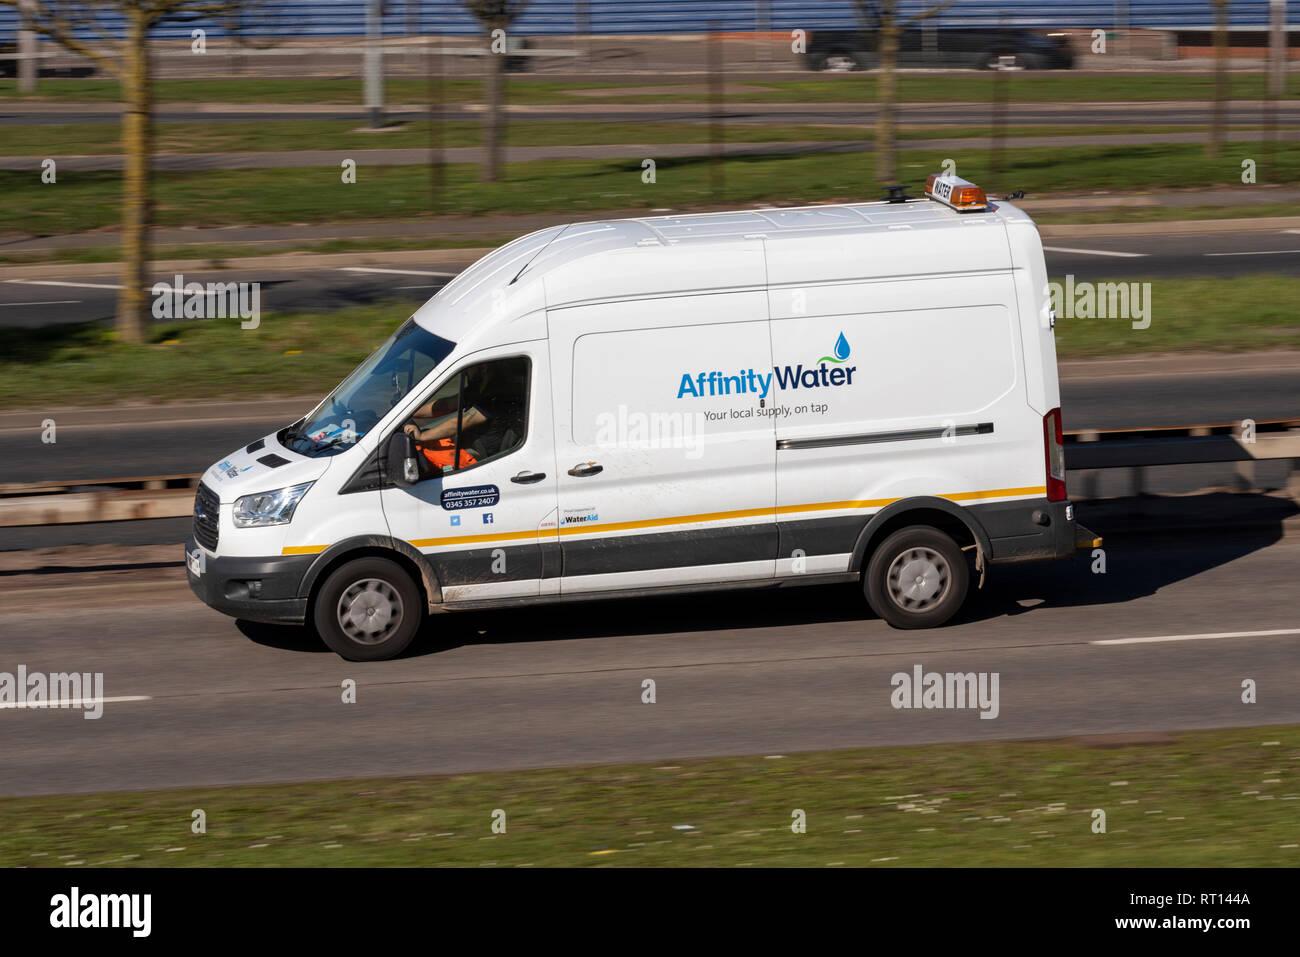 Affinität Wasser Weiß van Fahren auf der Straße. Lokale Wasserversorgung business Fahrzeug. Platz für Kopie Stockbild